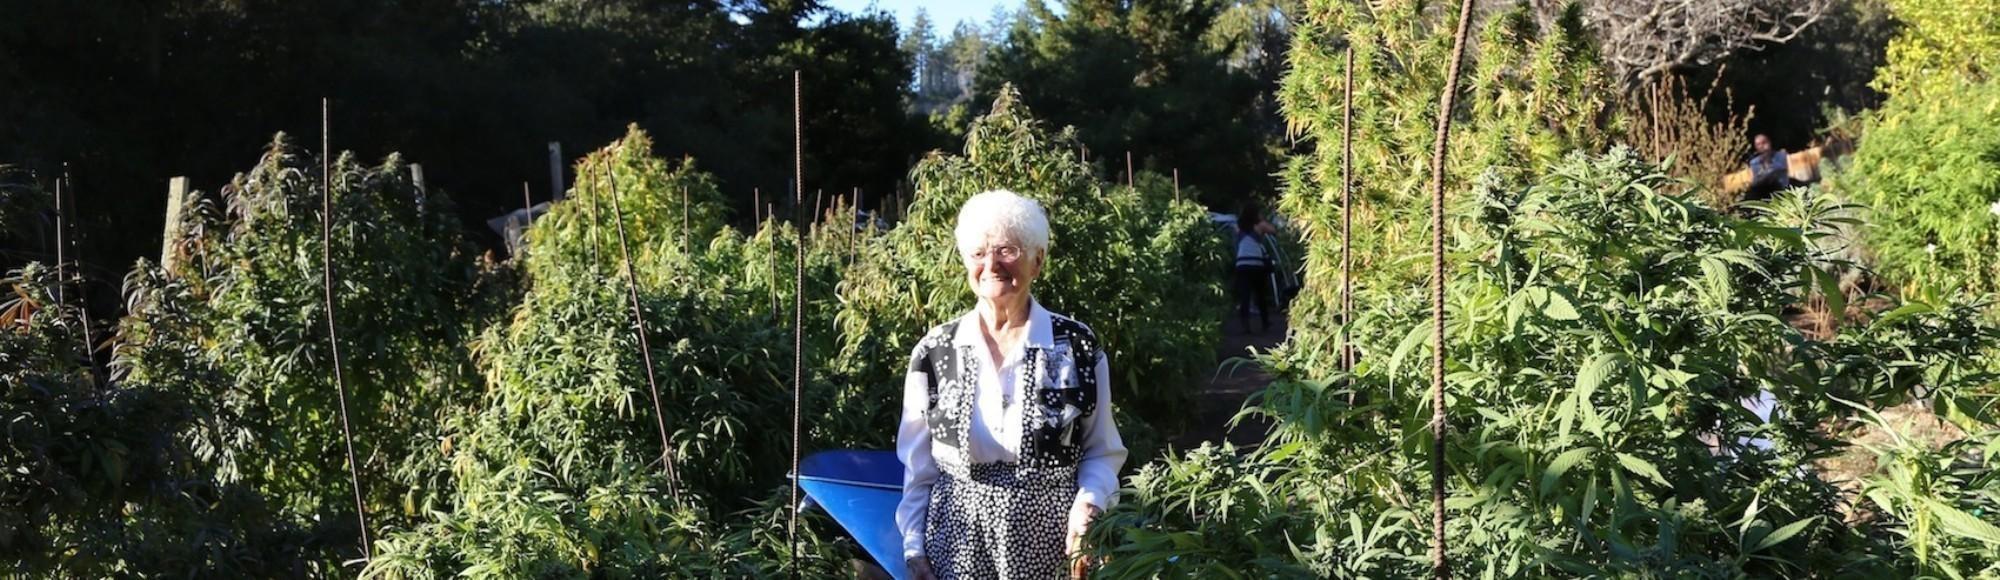 Bong Appetit: Nonna Marihuana